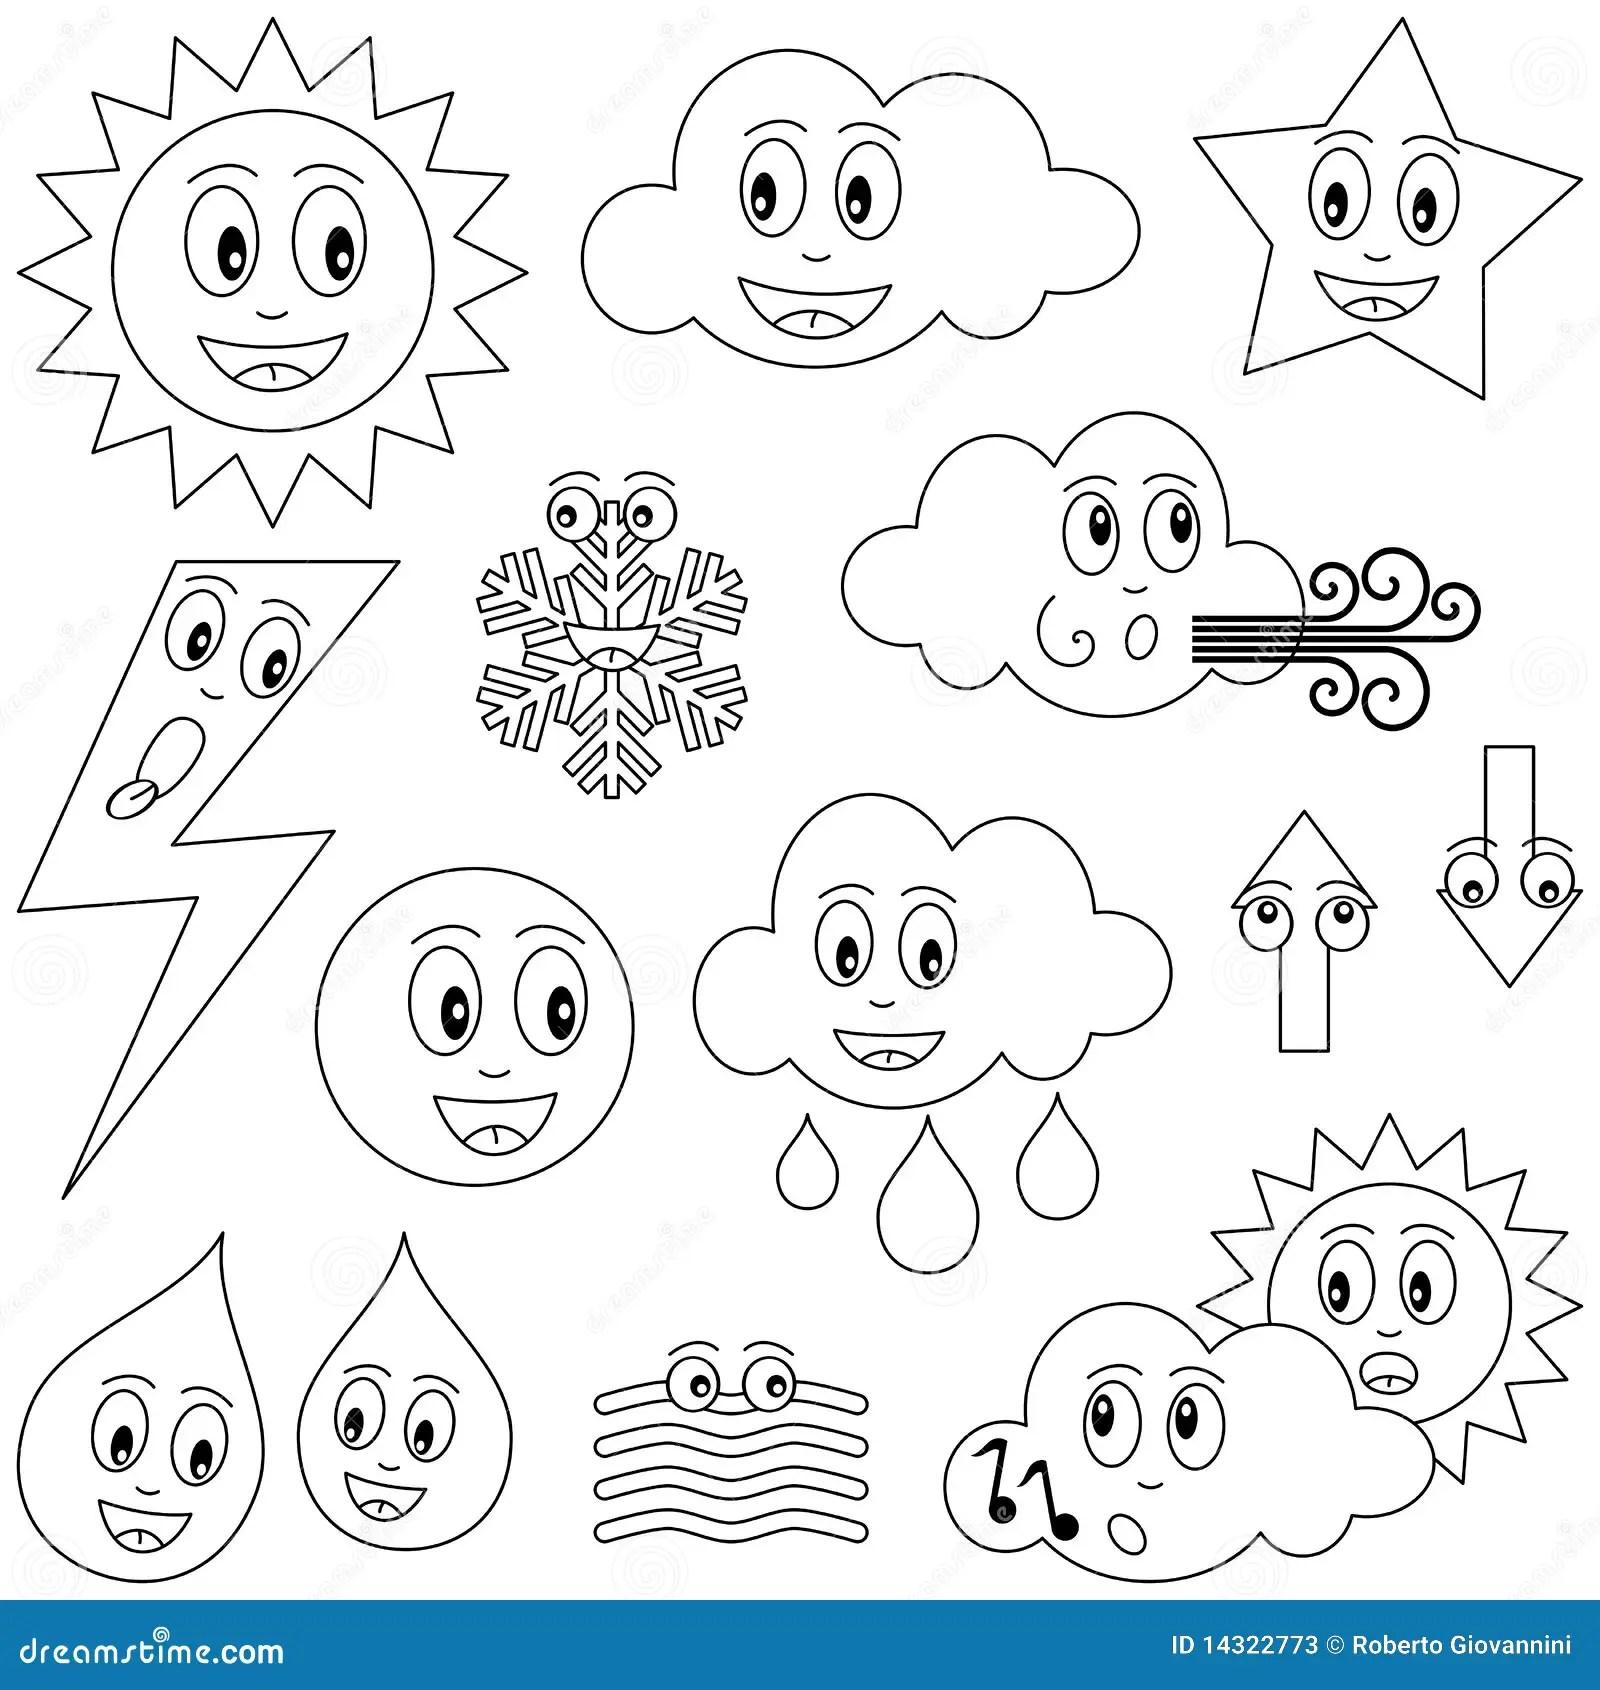 Farbton Wetter Zeichen Vektor Abbildung Illustration Von Lustig